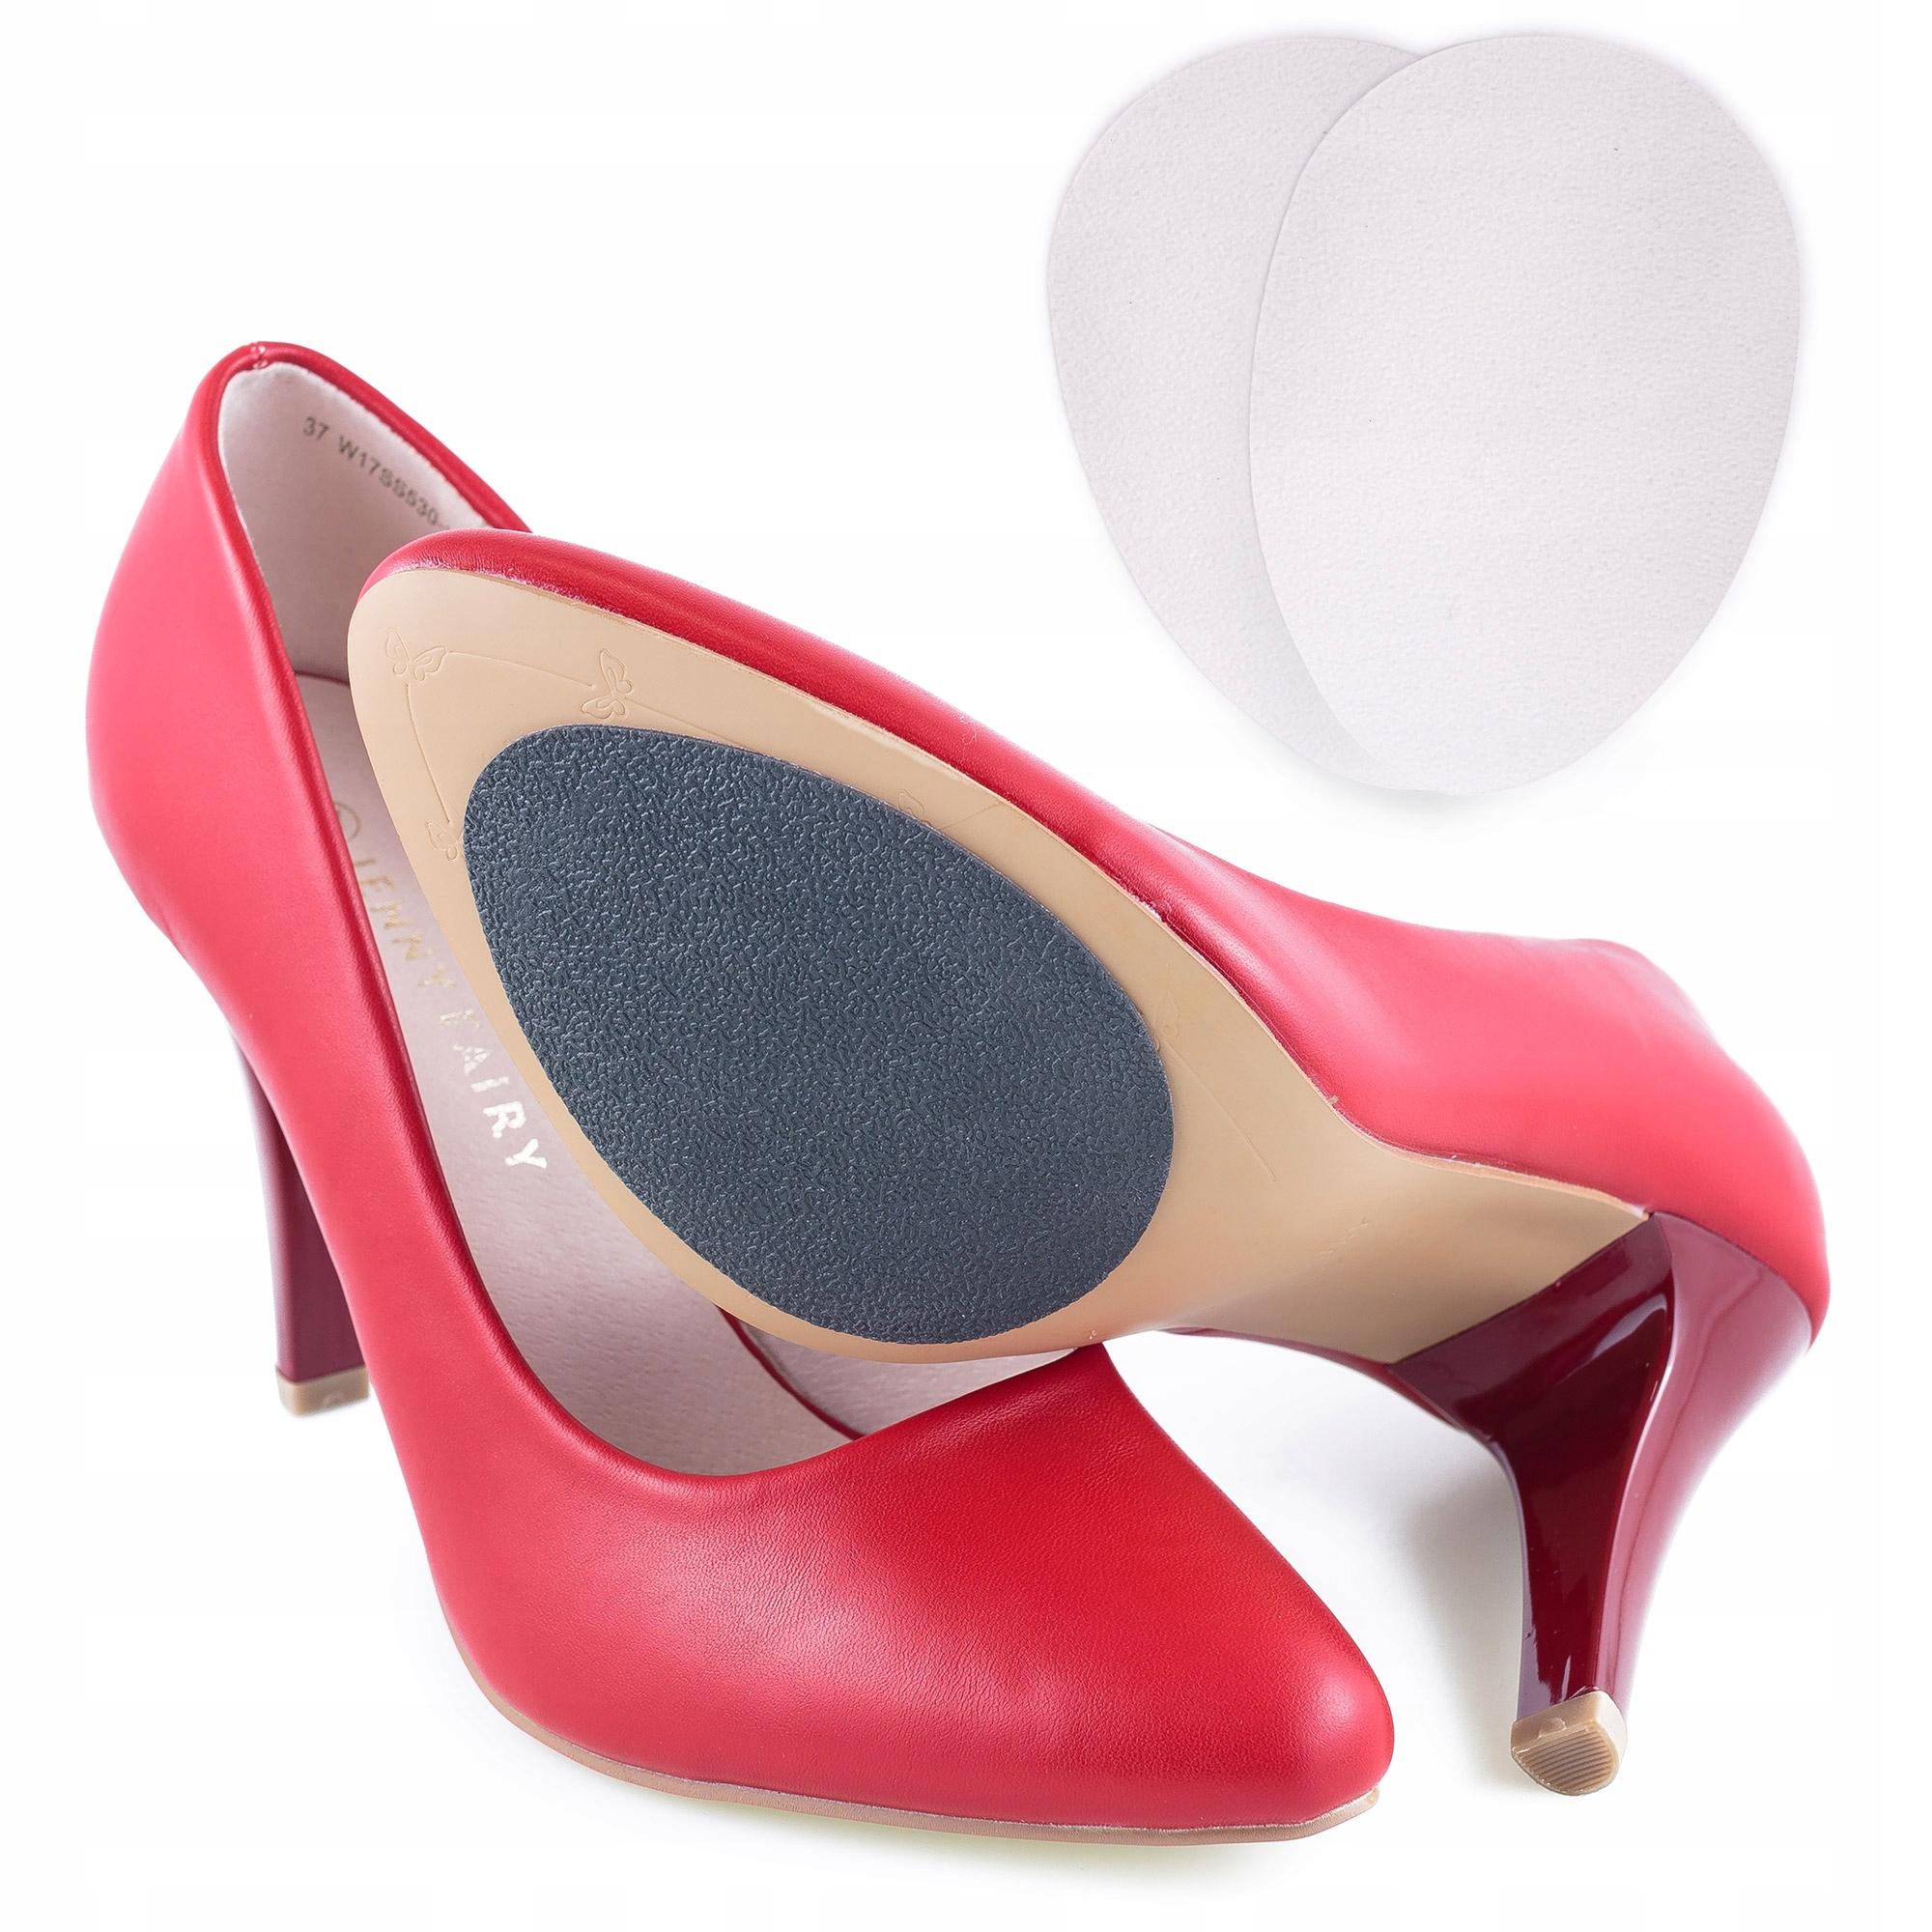 Zelówki противоскользящие стопоры обуви прозрачные